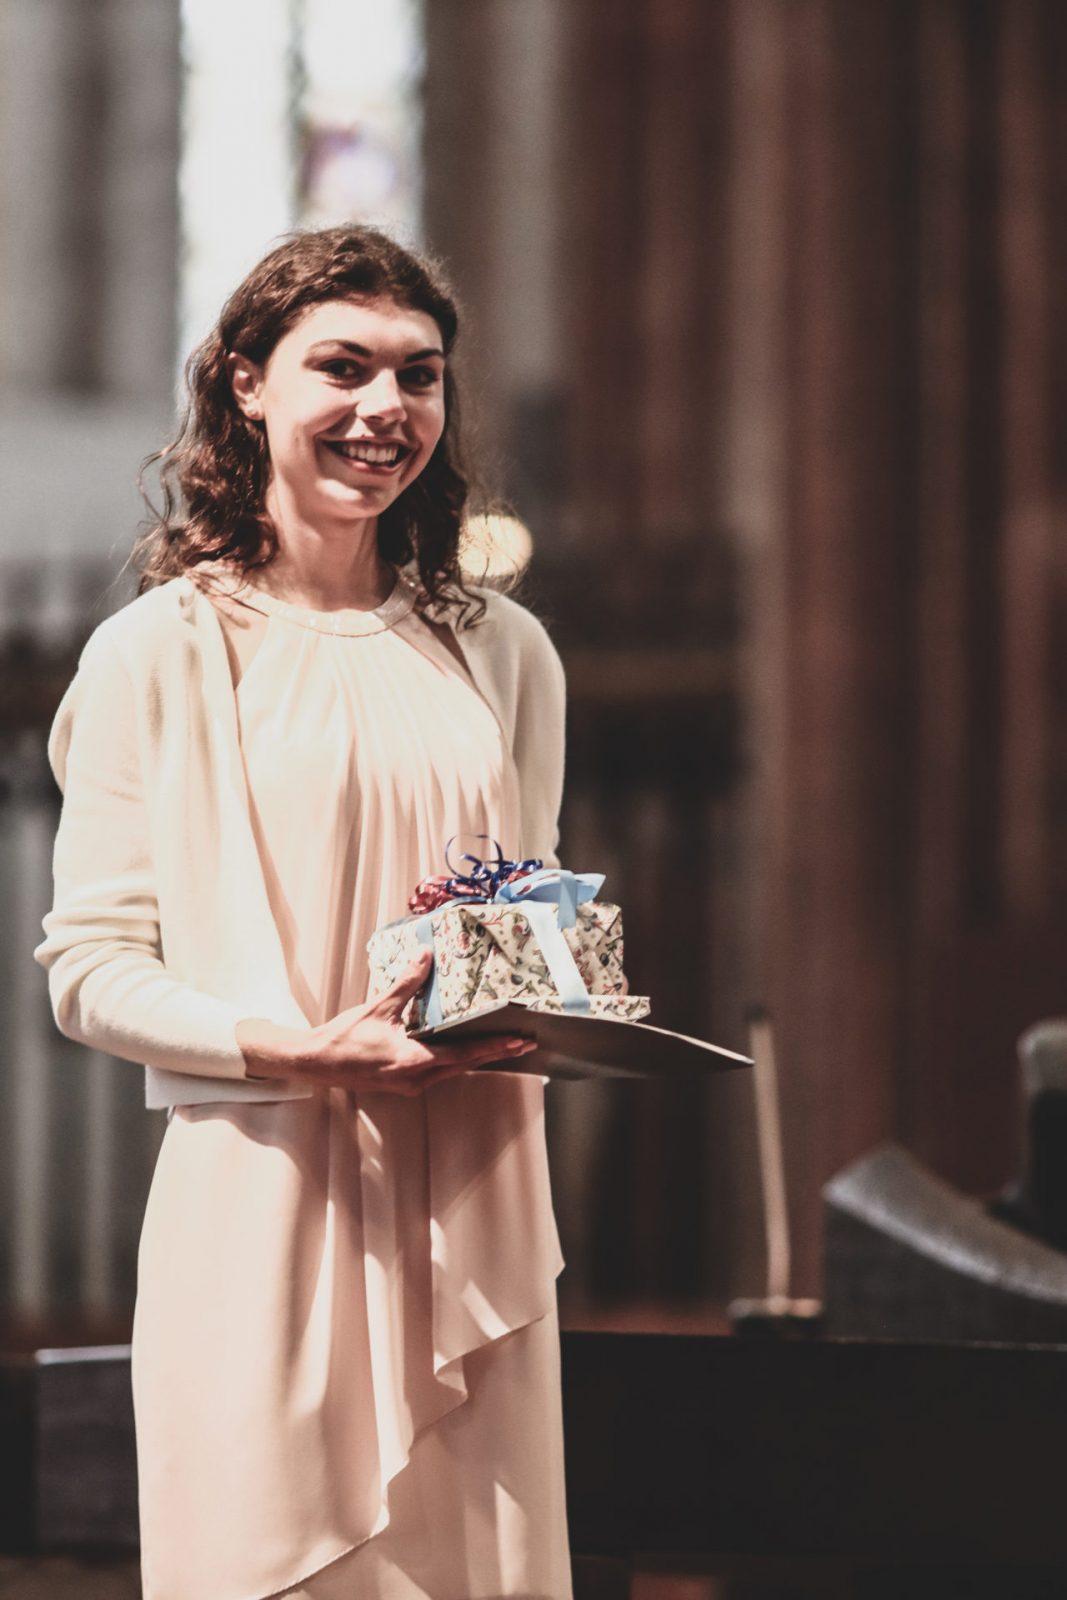 Nina Bahlmann - Preisträgerin des Preises vom Bund der Freunde